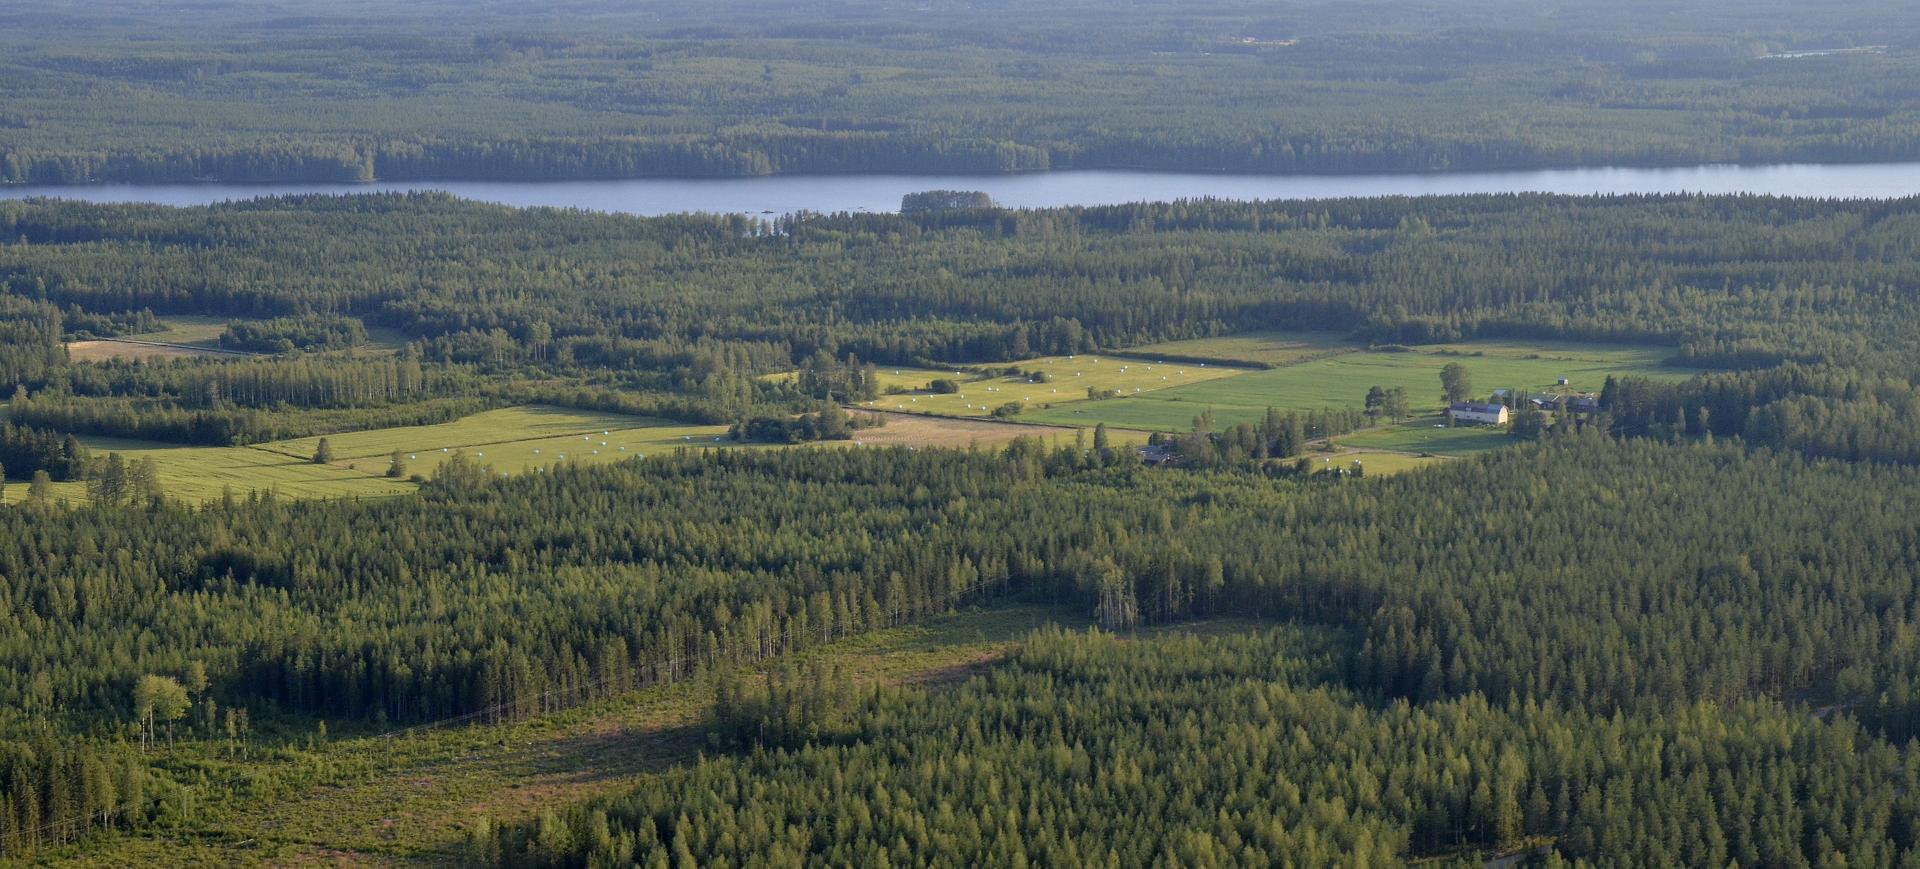 Ylä-Viivajärven kupeella, menosuunnassa oikealla on kyläkunta nimeltään Yläpää.